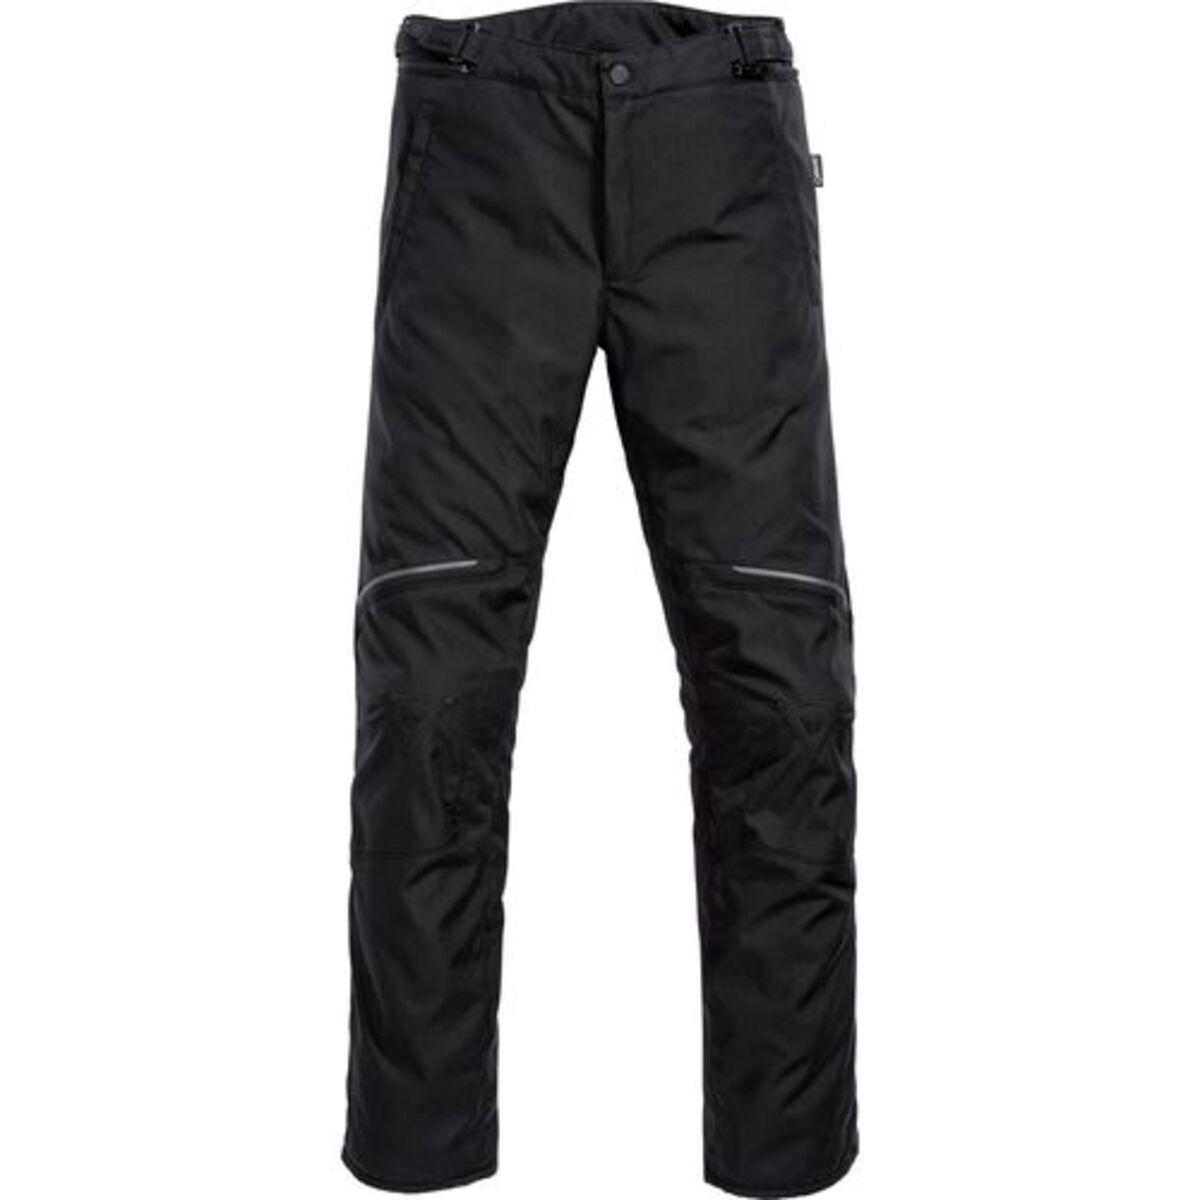 Bild 1 von Dainese            Galvestone D2 Gore-Tex® Herrenhose schwarz